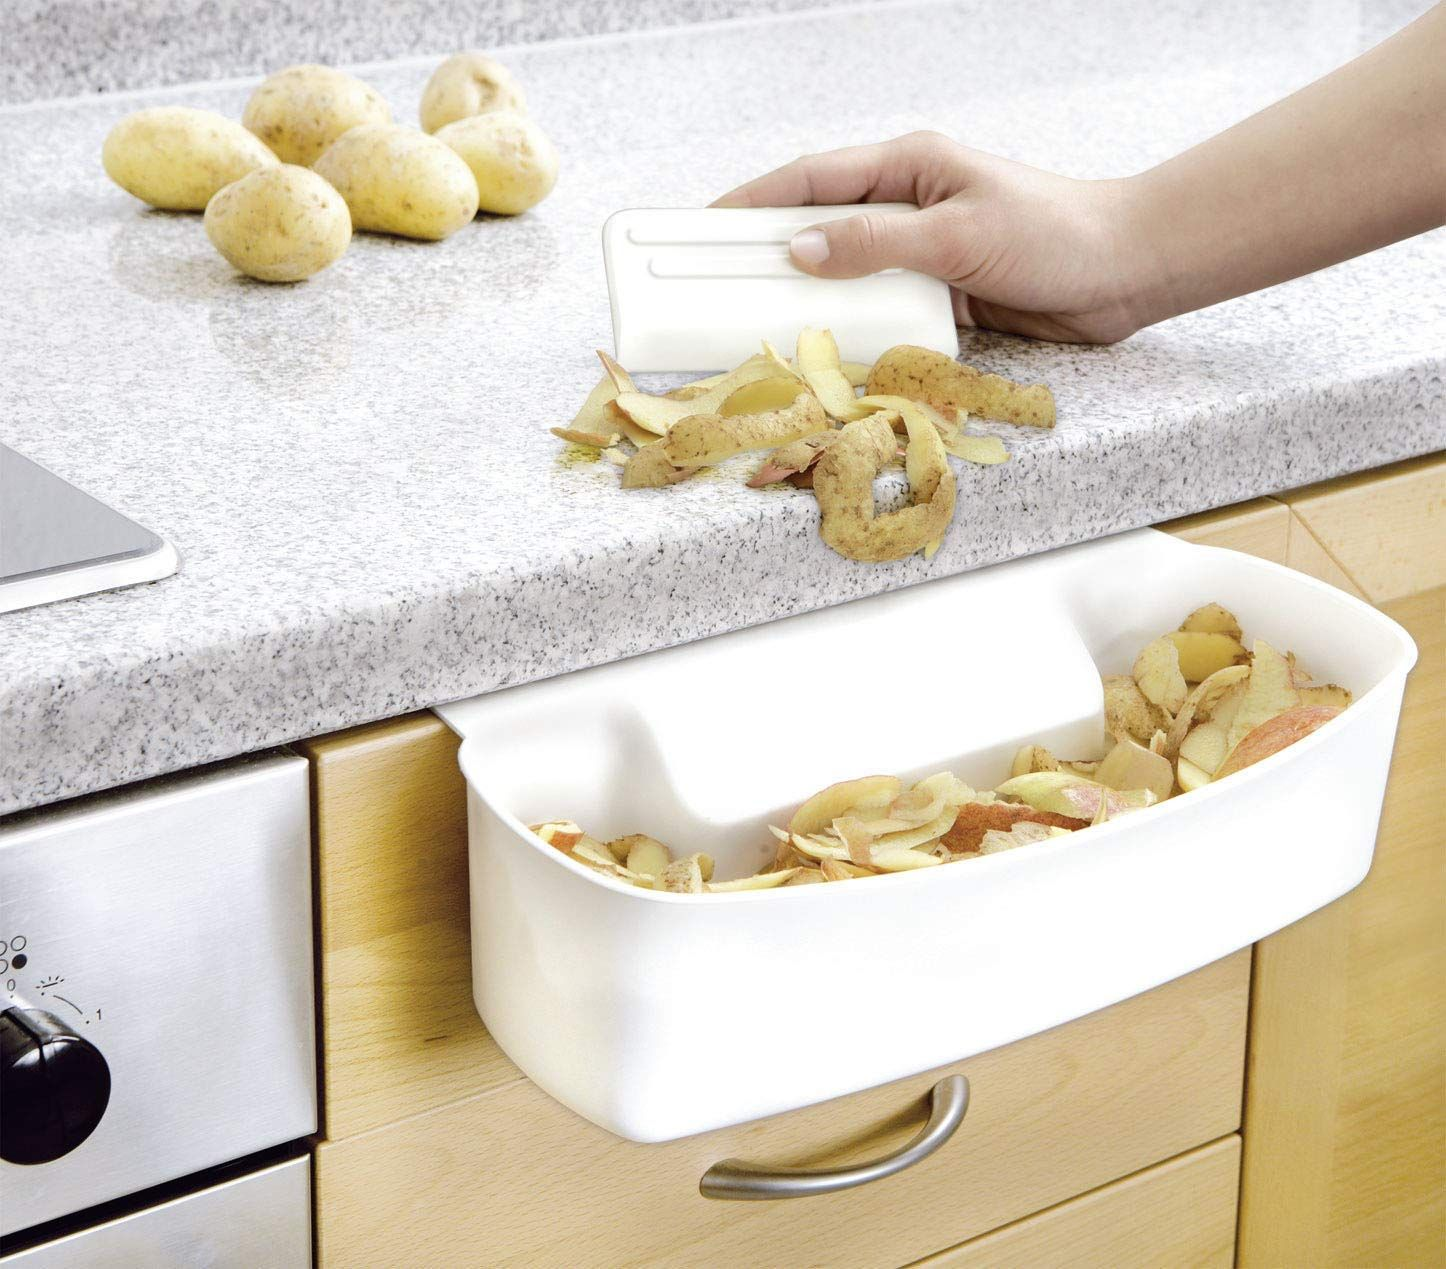 Wenko Auffangschale Fur Kuchenabfalle Inklusive Schaber 32 5 X 9 X 17 5 Cm Weiss Amazon De Baumar Kuchen Speisekammer Mulleimer Kuche Ordnung In Der Kuche